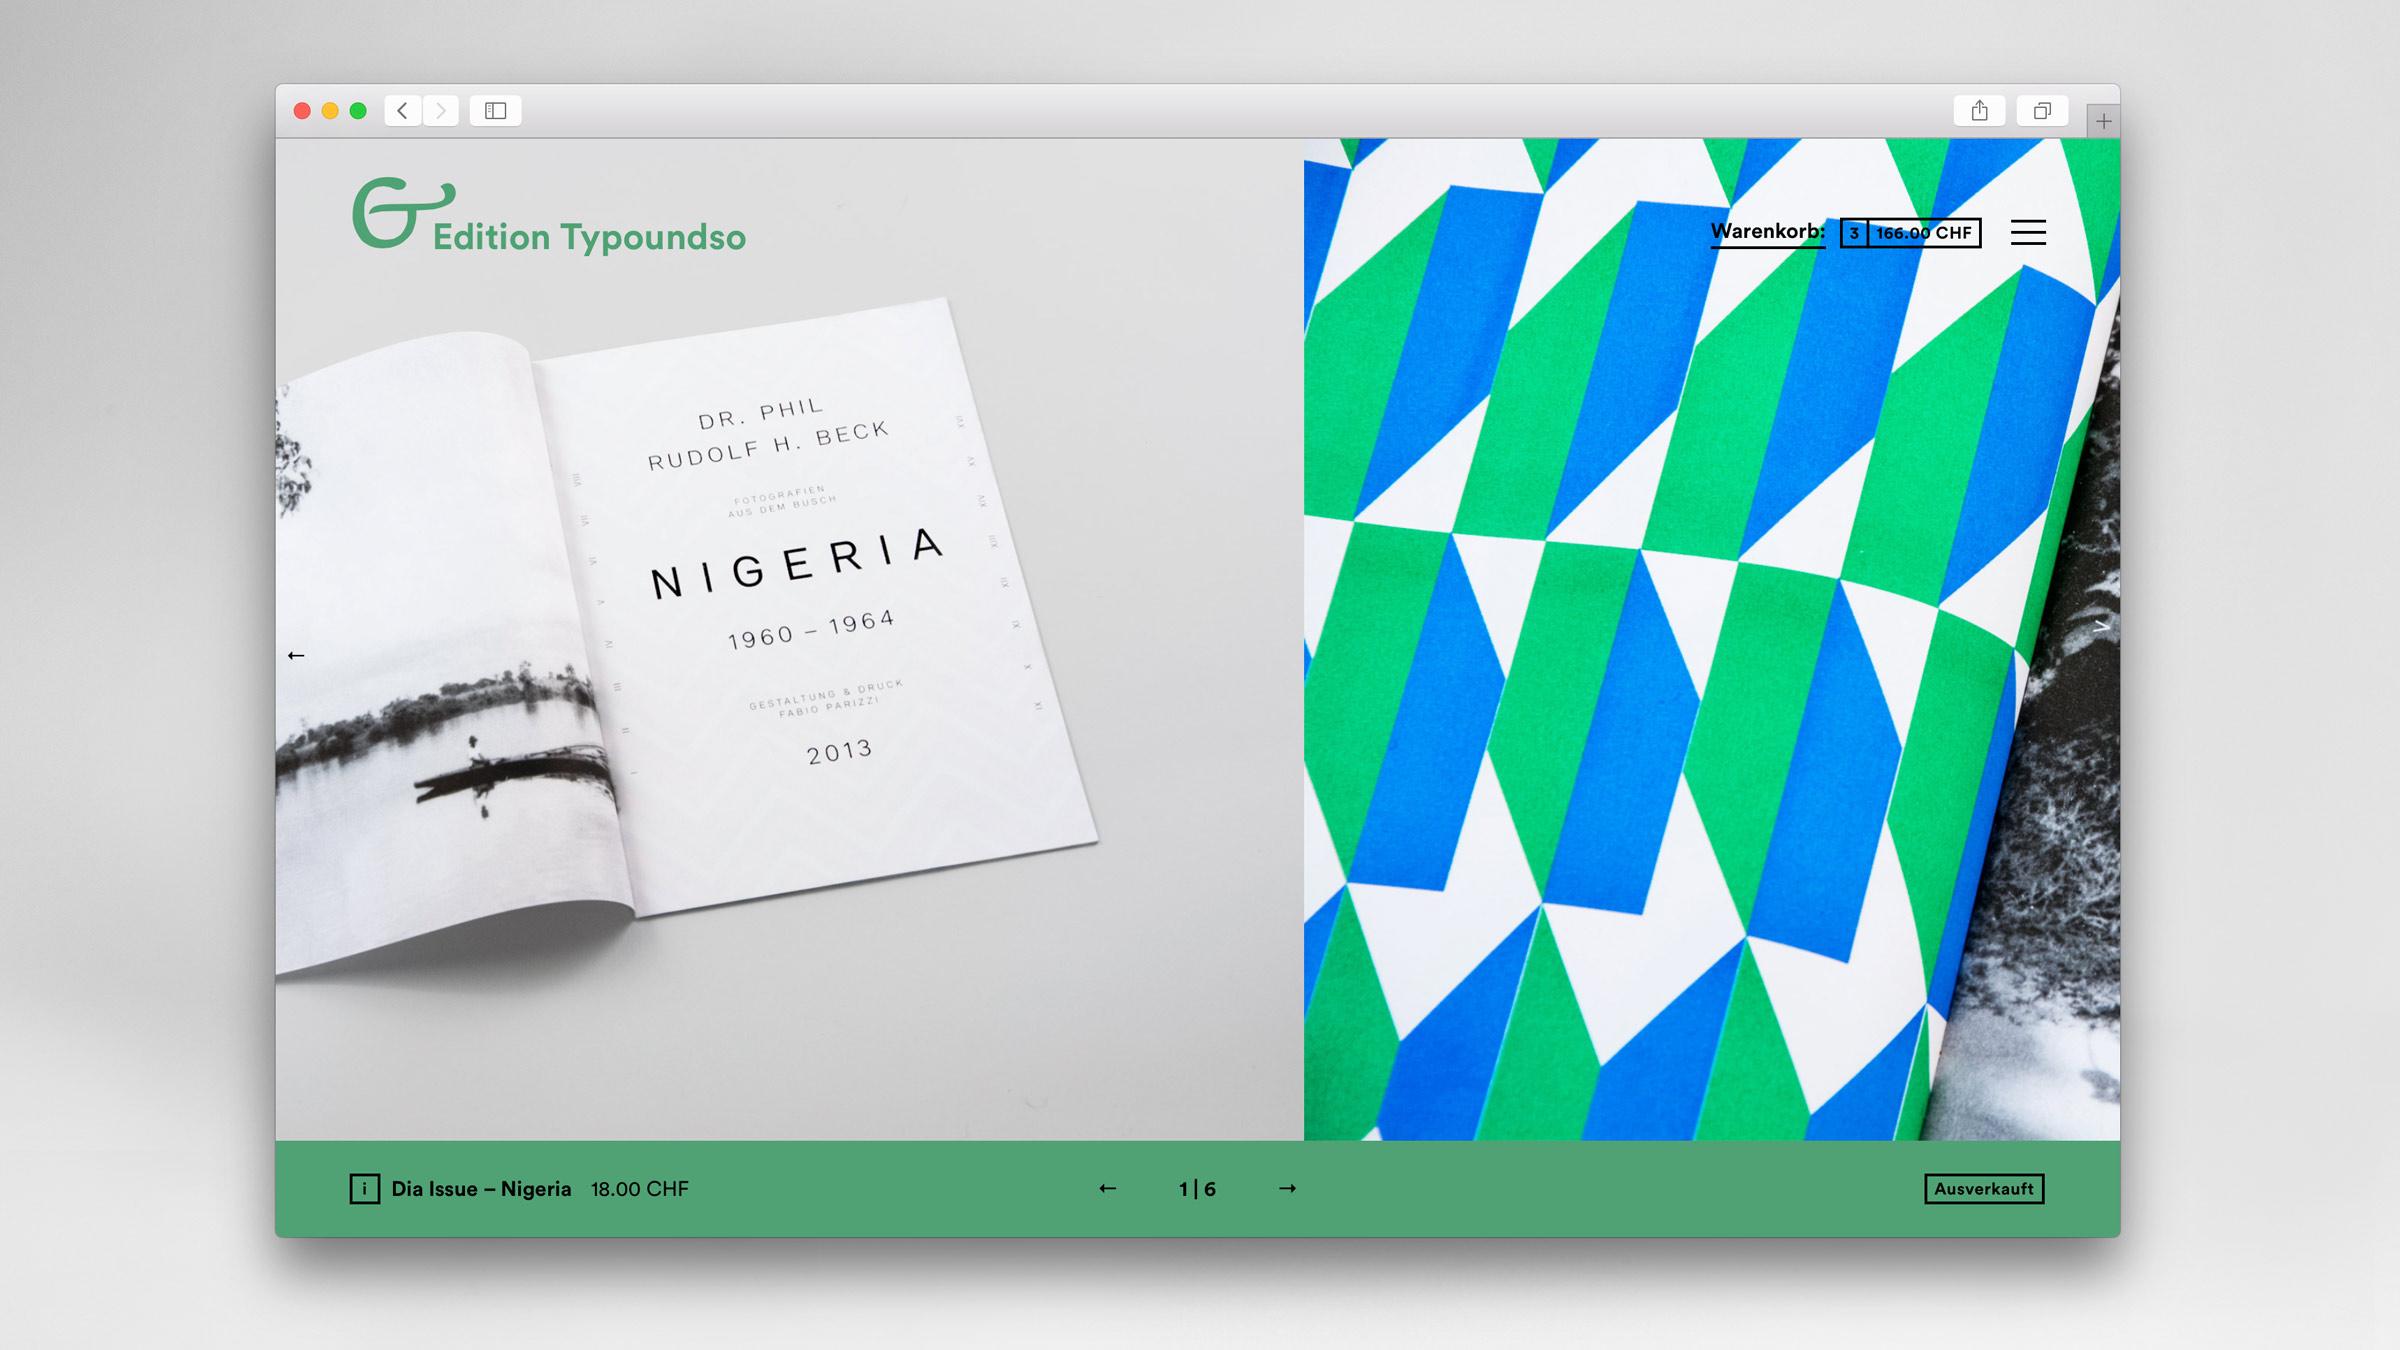 l'équipe [visuelle] – Webshop für den Hausinternen Verlag Edition Typoundso – Konzeption, Gestaltung und Programmierung